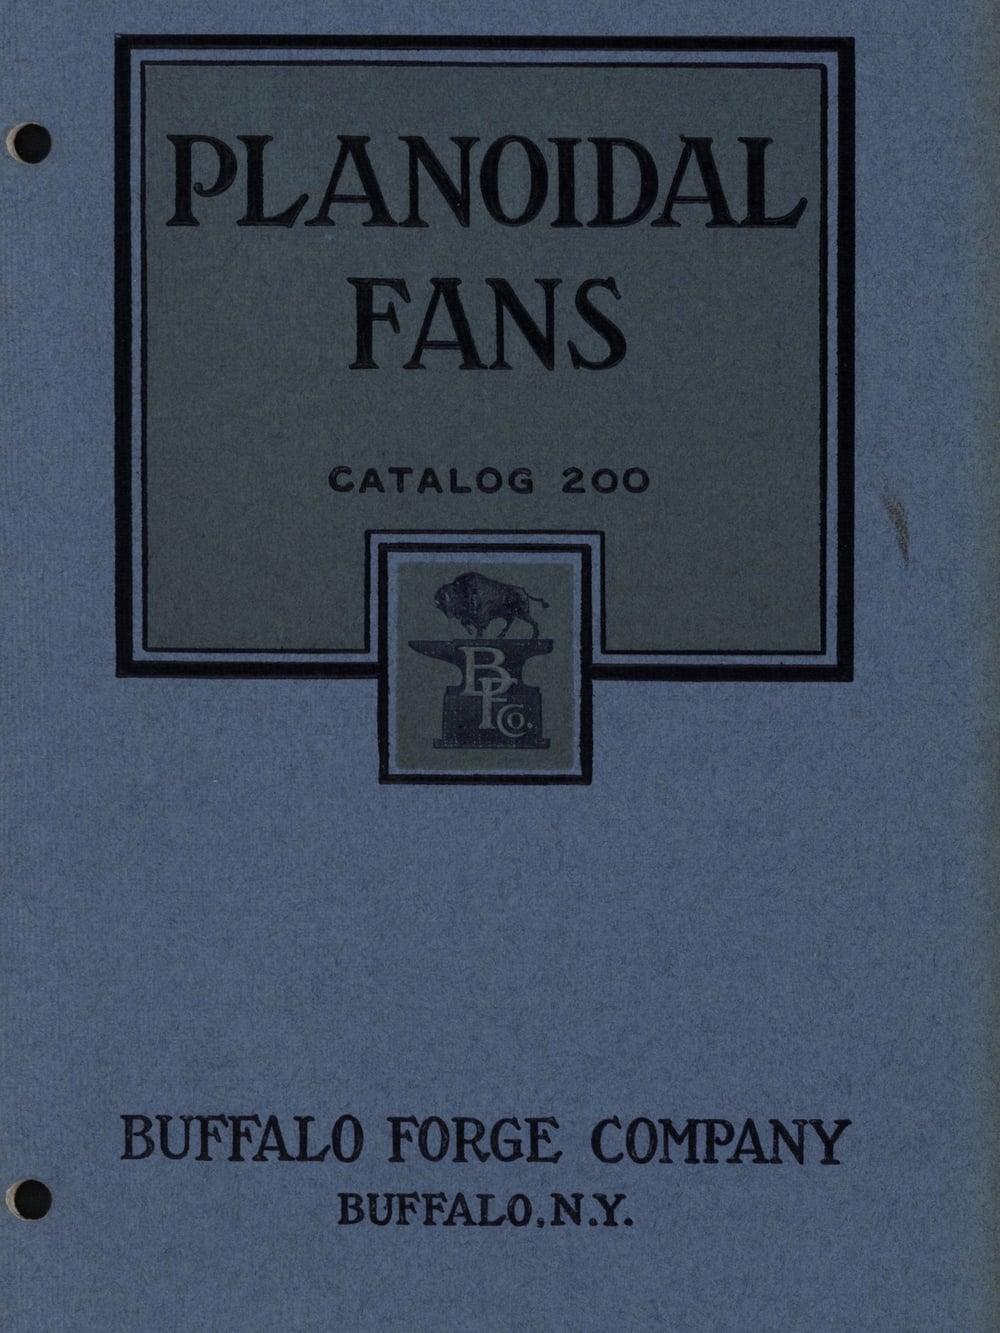 BuffaloForgeCompany0003_0000.jpg